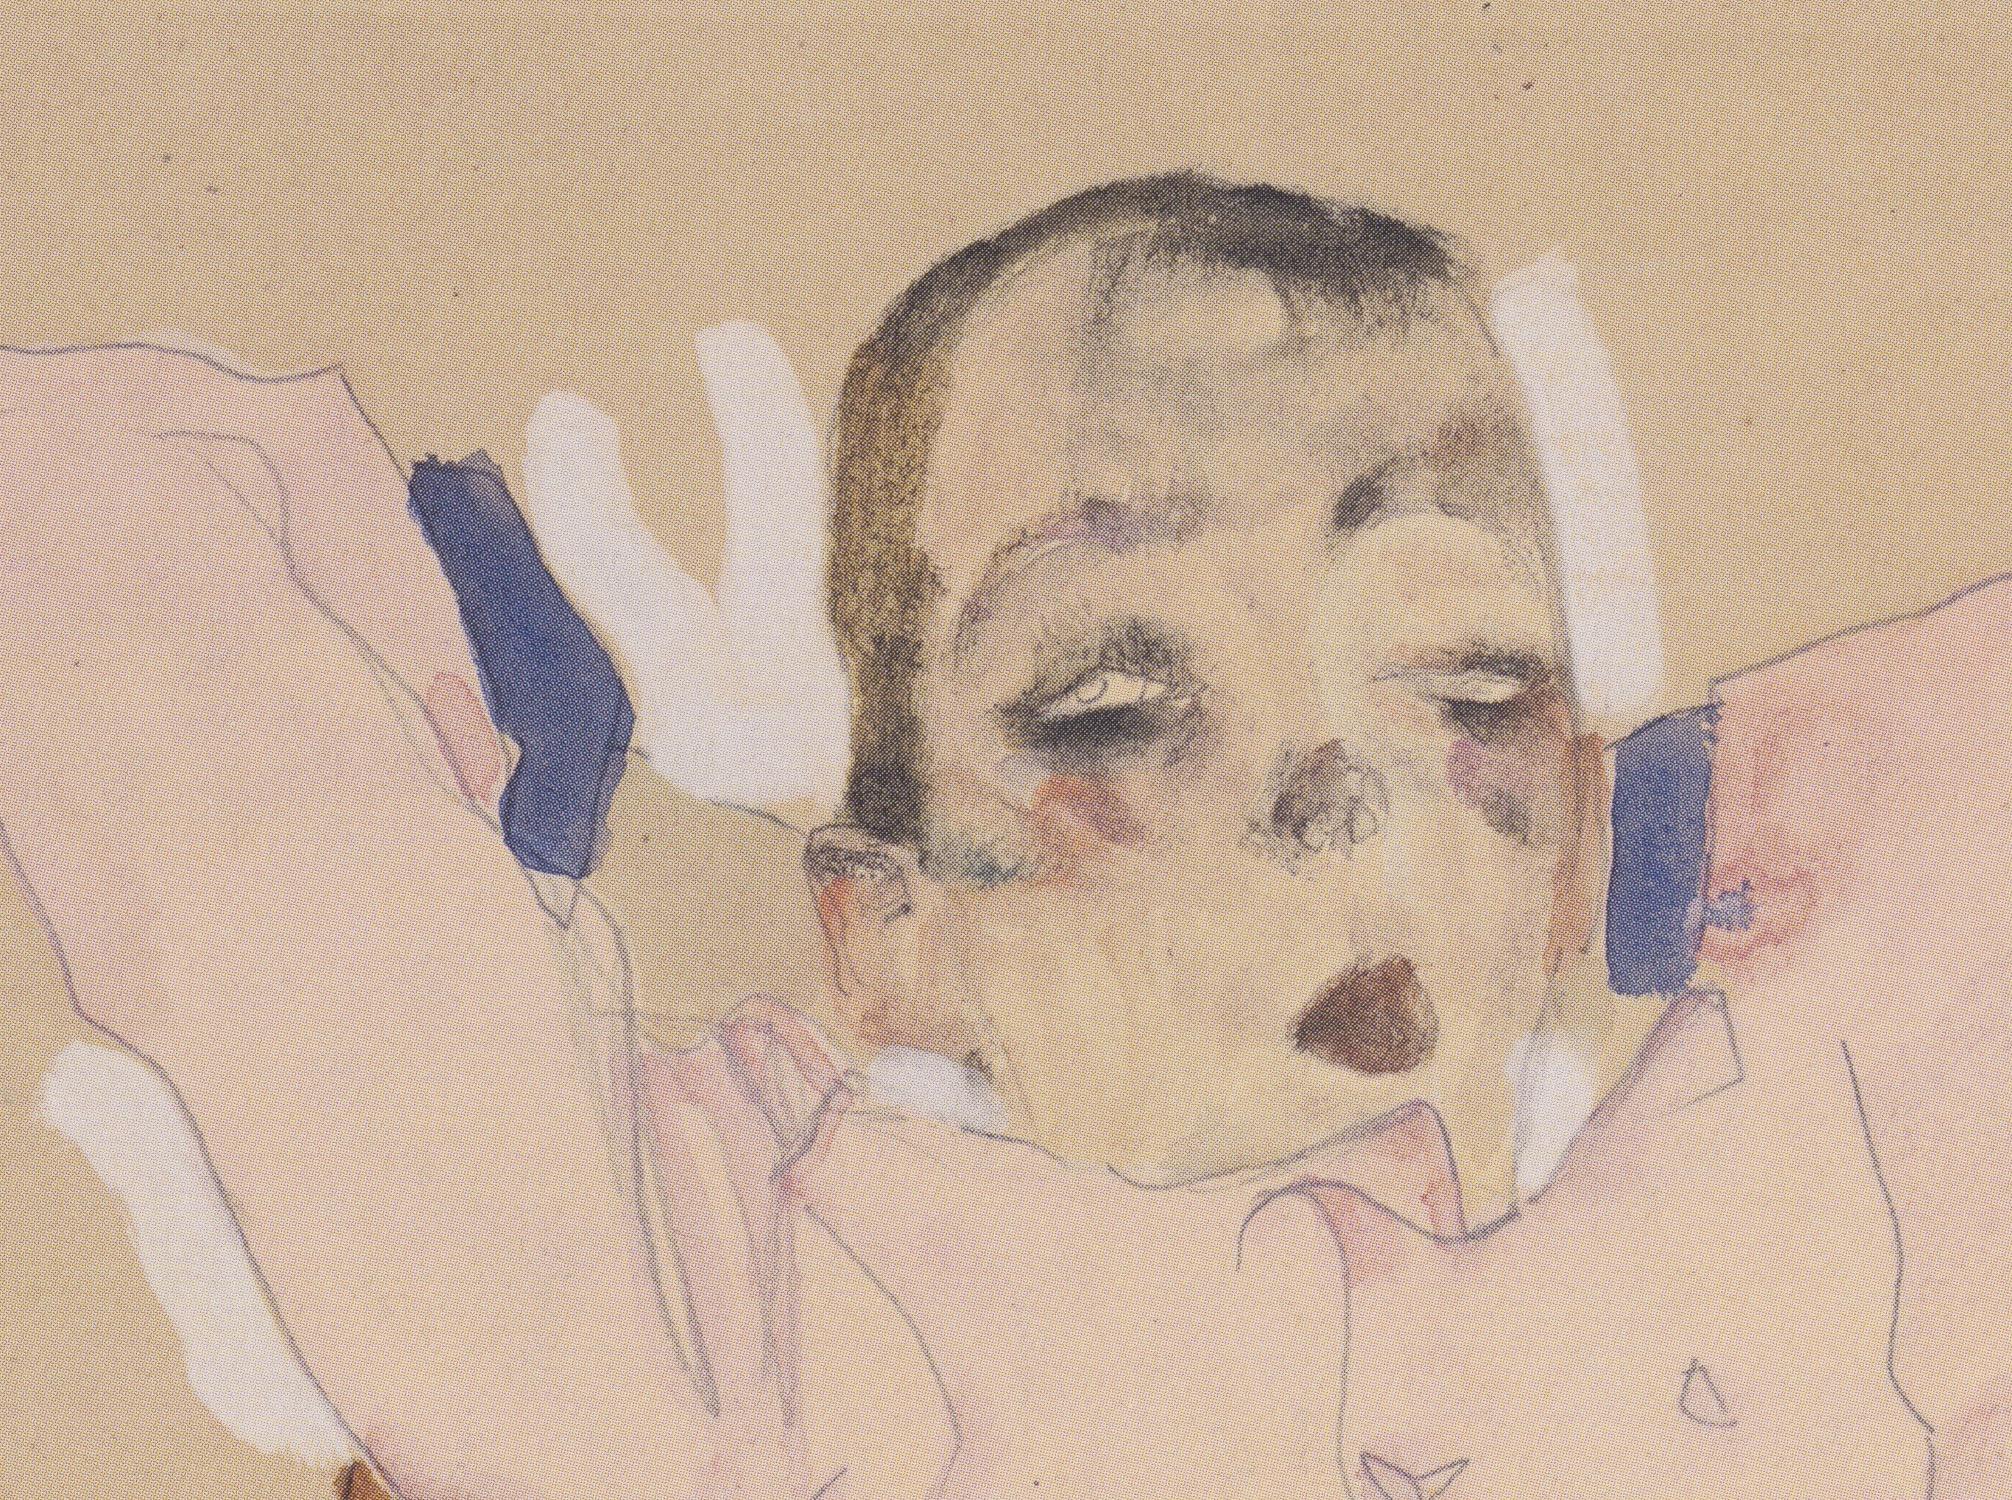 席勒画中形态各异人物的神情